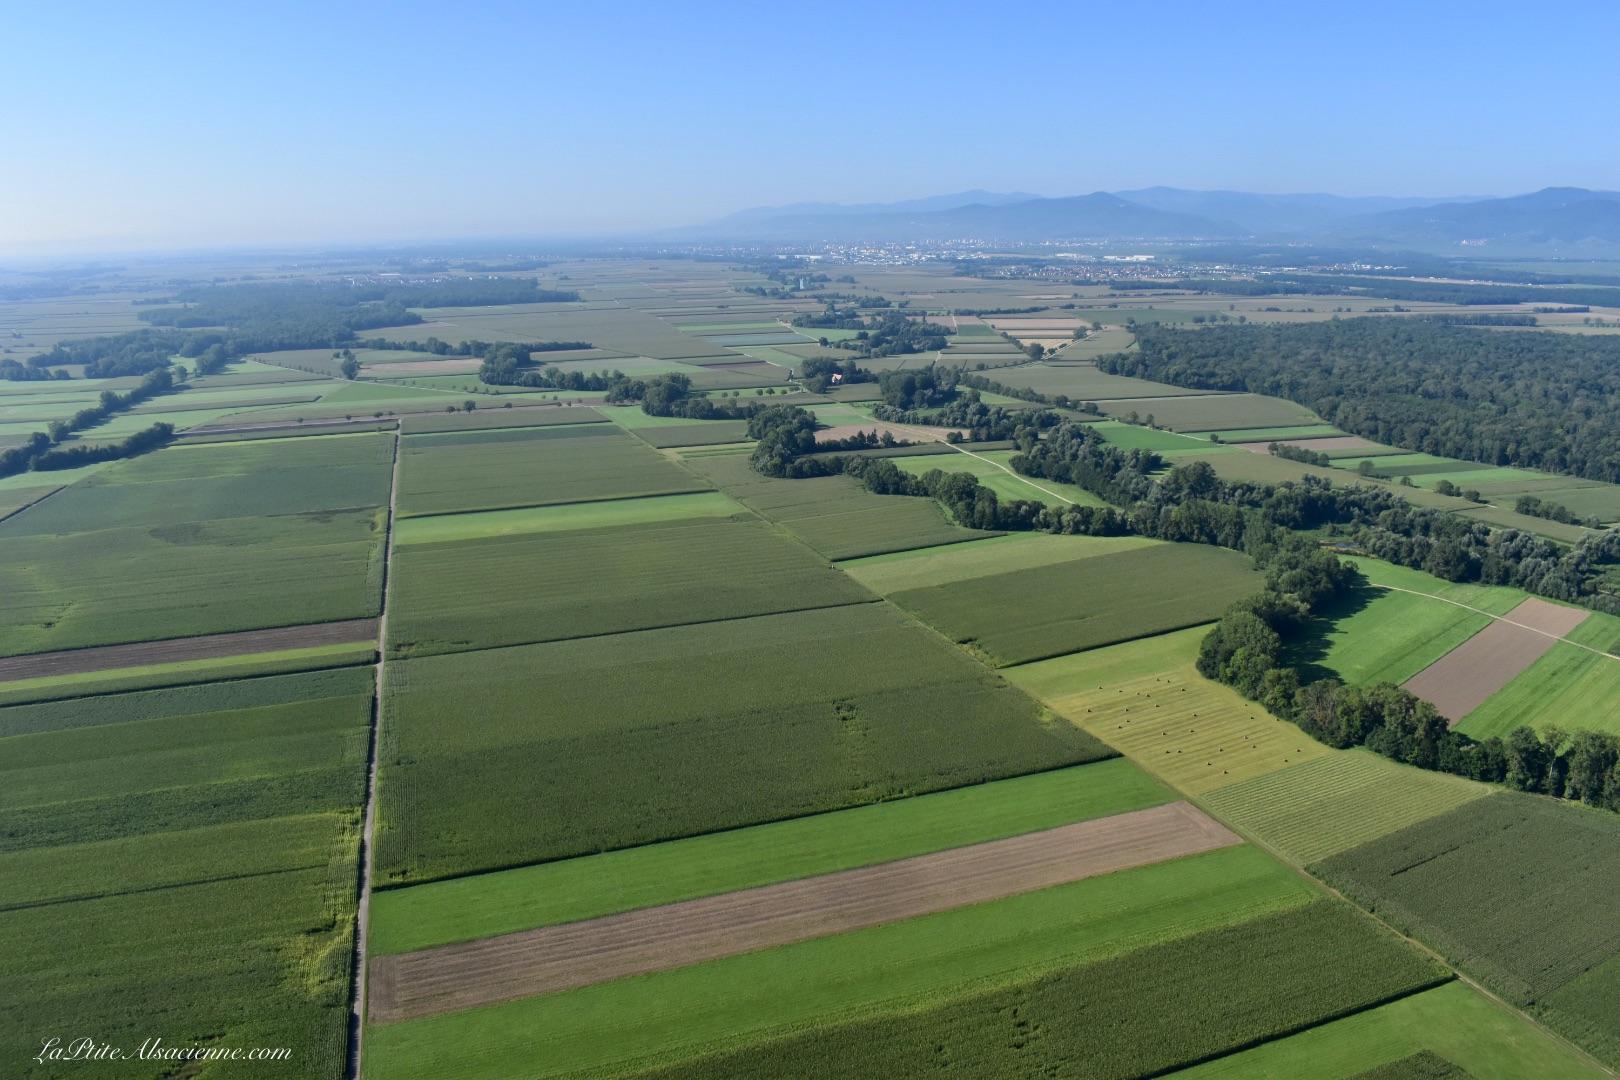 La Plaine d'Alsace et ses champs. Photo prise en ULM - Septembre 2021, par Cendrine Miesch dite LaPtiteAlsacienne